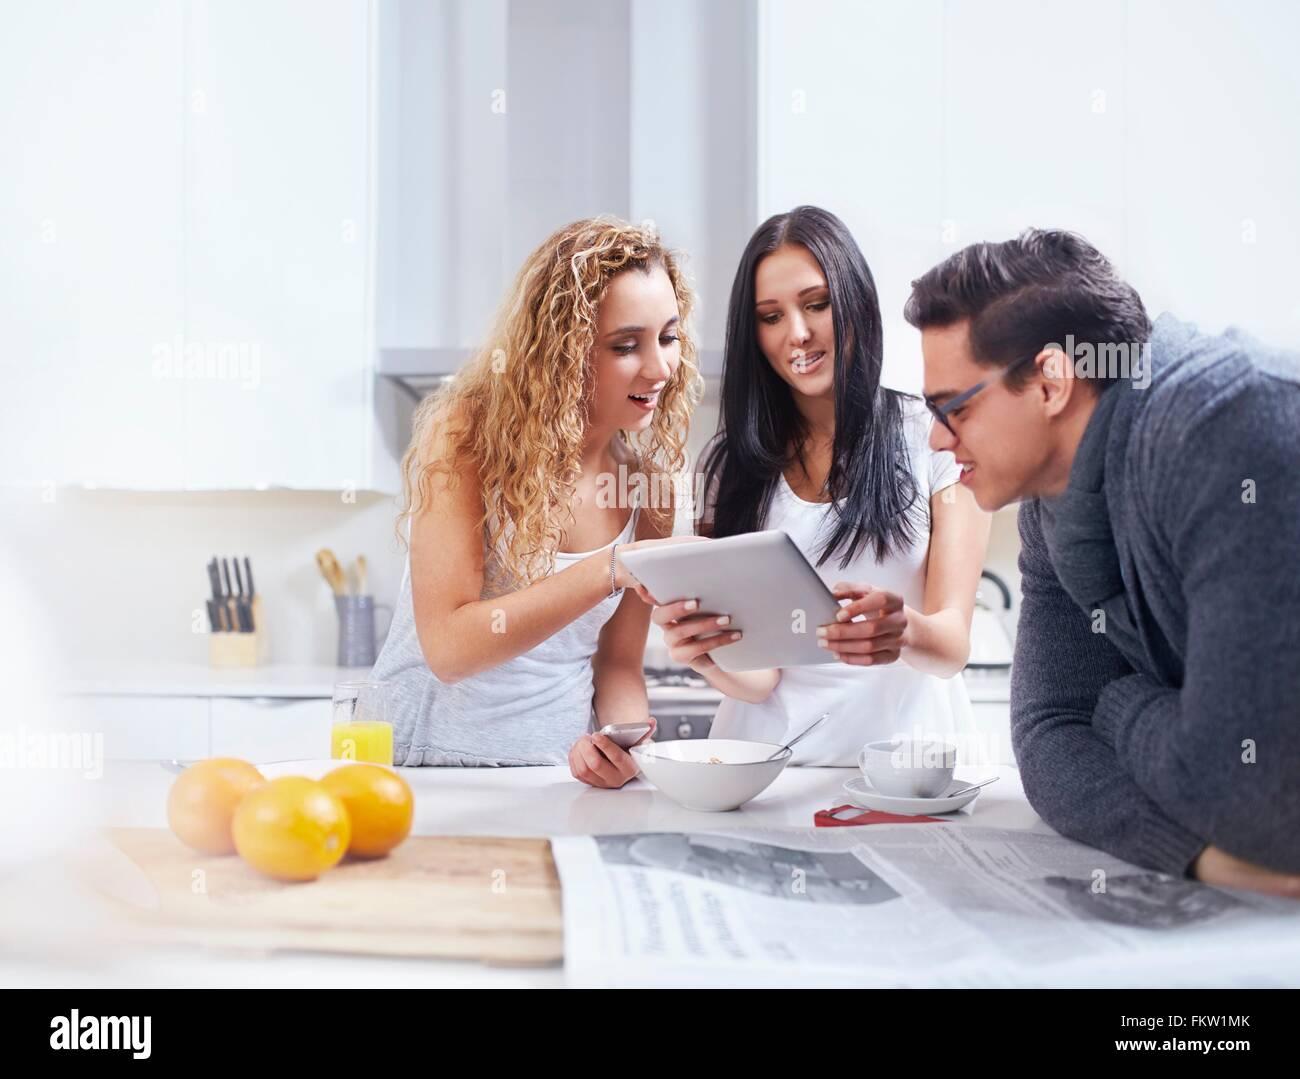 Tres jóvenes adultos mediante tableta digital en la cocina Imagen De Stock